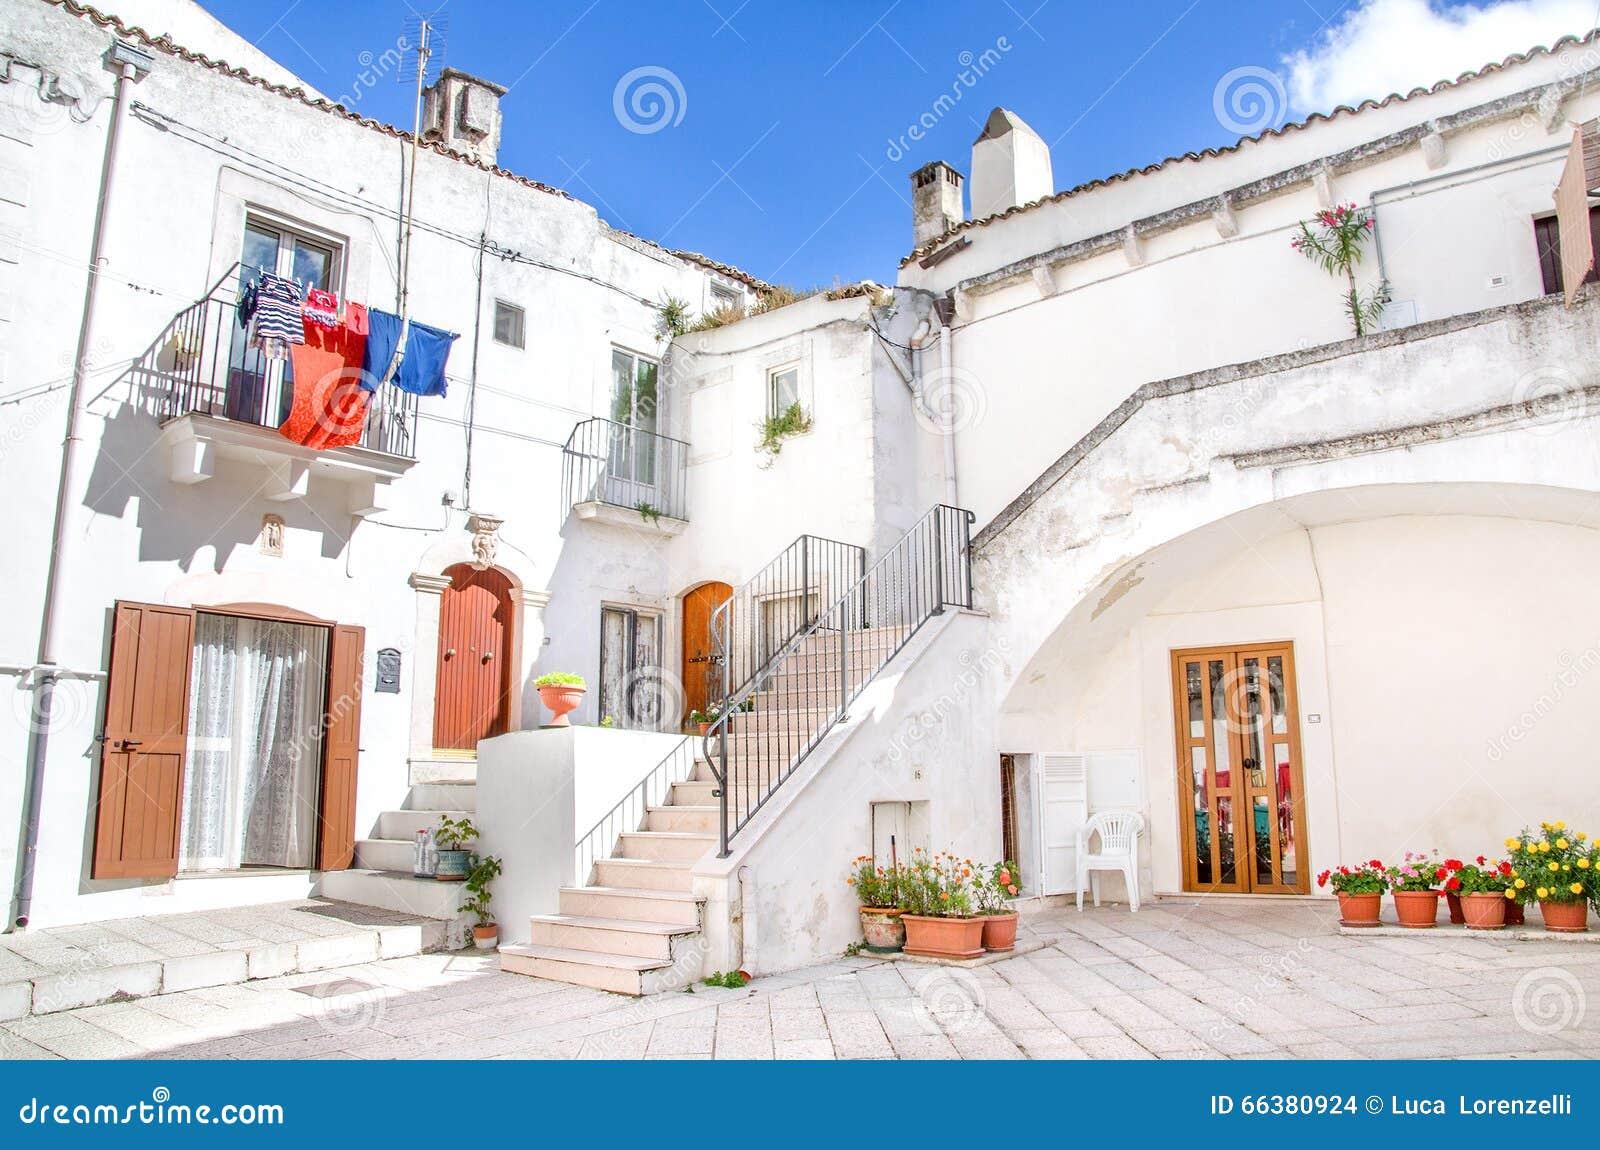 Casas blancas del sur de italia en monte sant angelo for Europeo arredamenti mosciano sant angelo